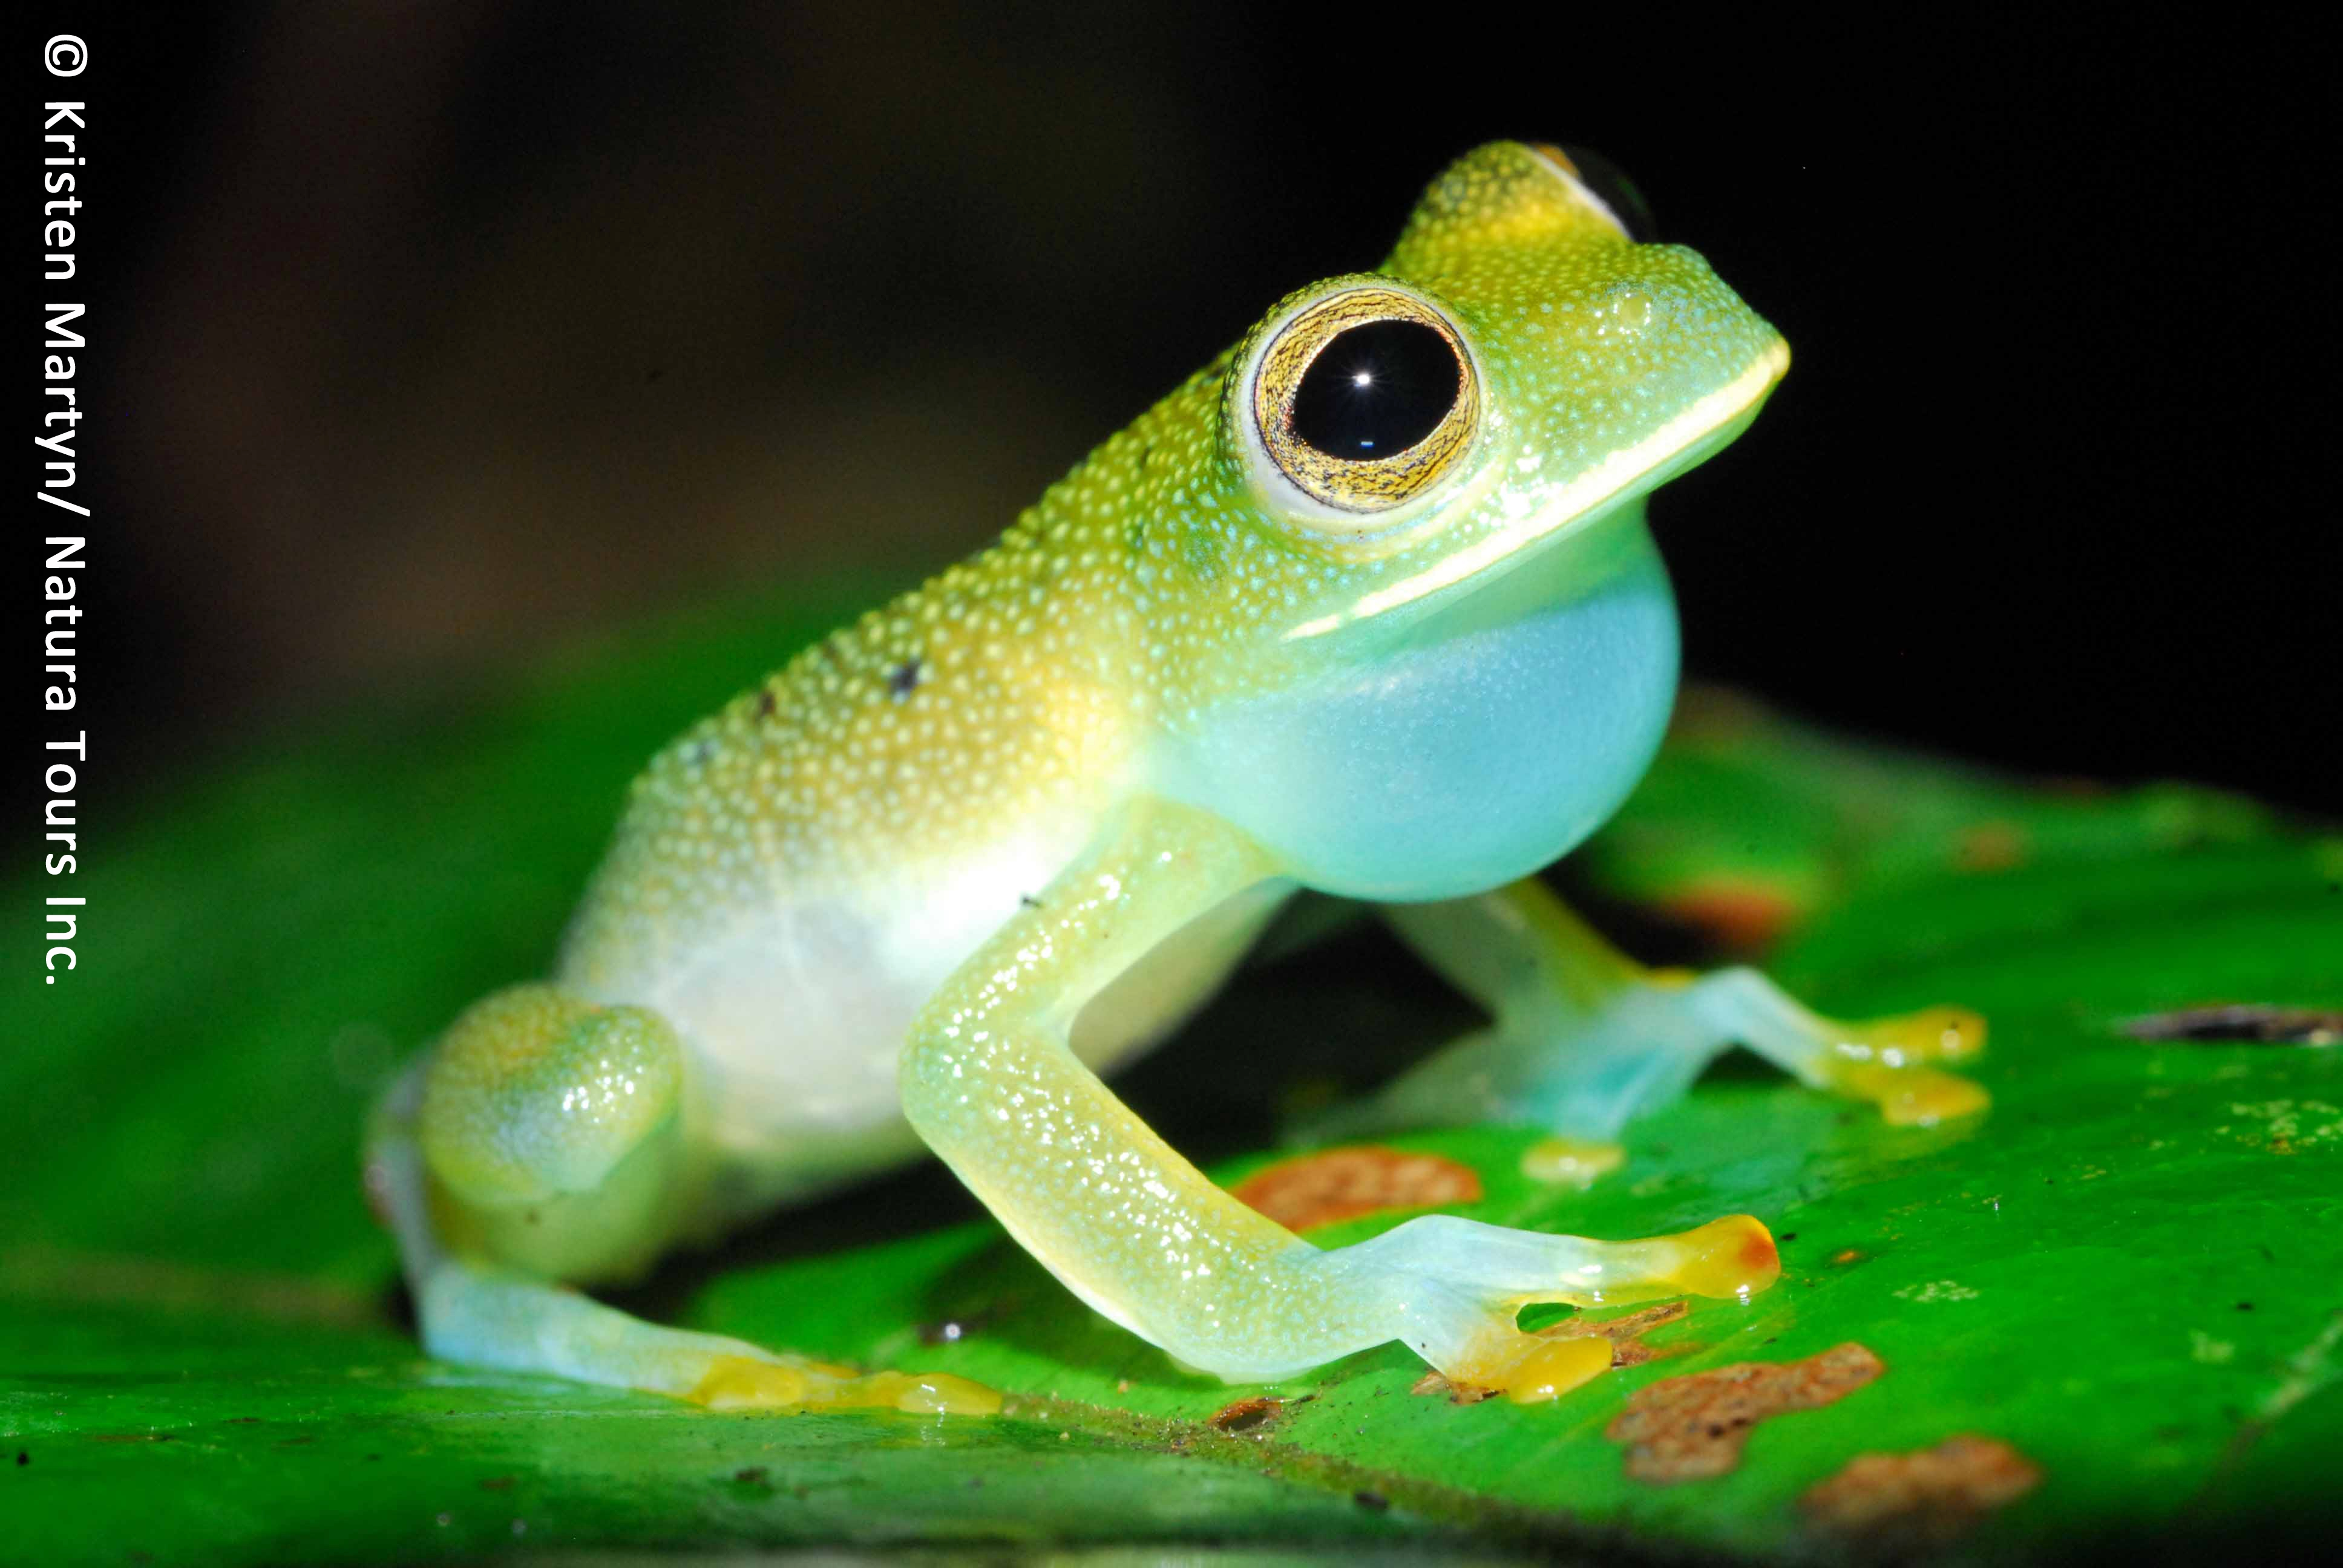 Granular glass frog (Cochranella granulosa) | Amphibian Rescue and ...